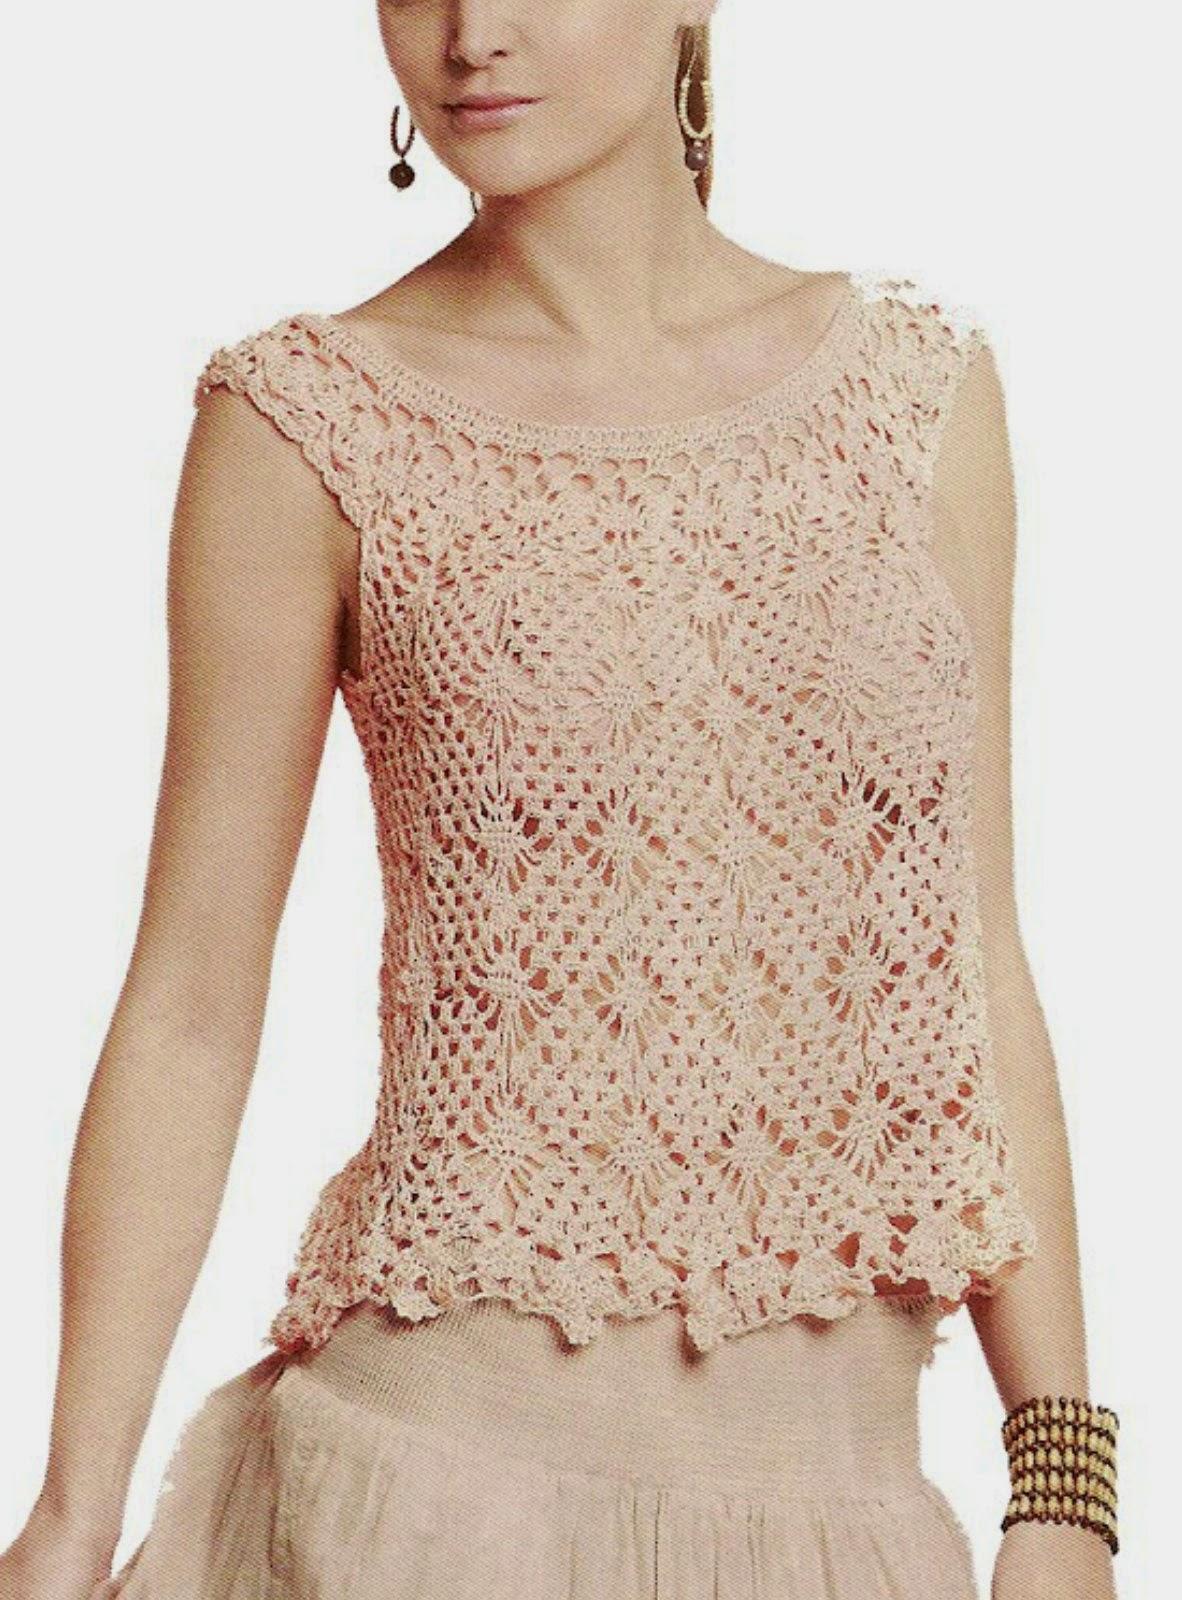 Top princesa que enamora en crochet - Patrones Crochet